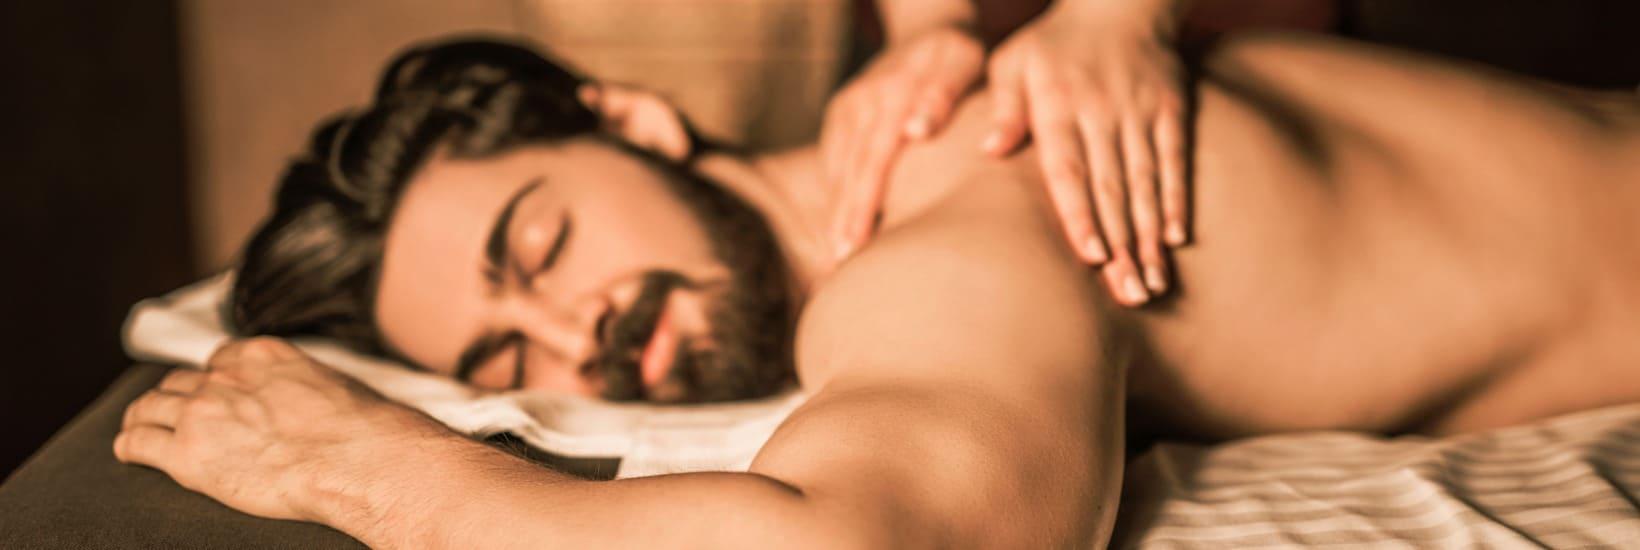 Anfassen bei der erotischen Massage - was ist erlaubt?